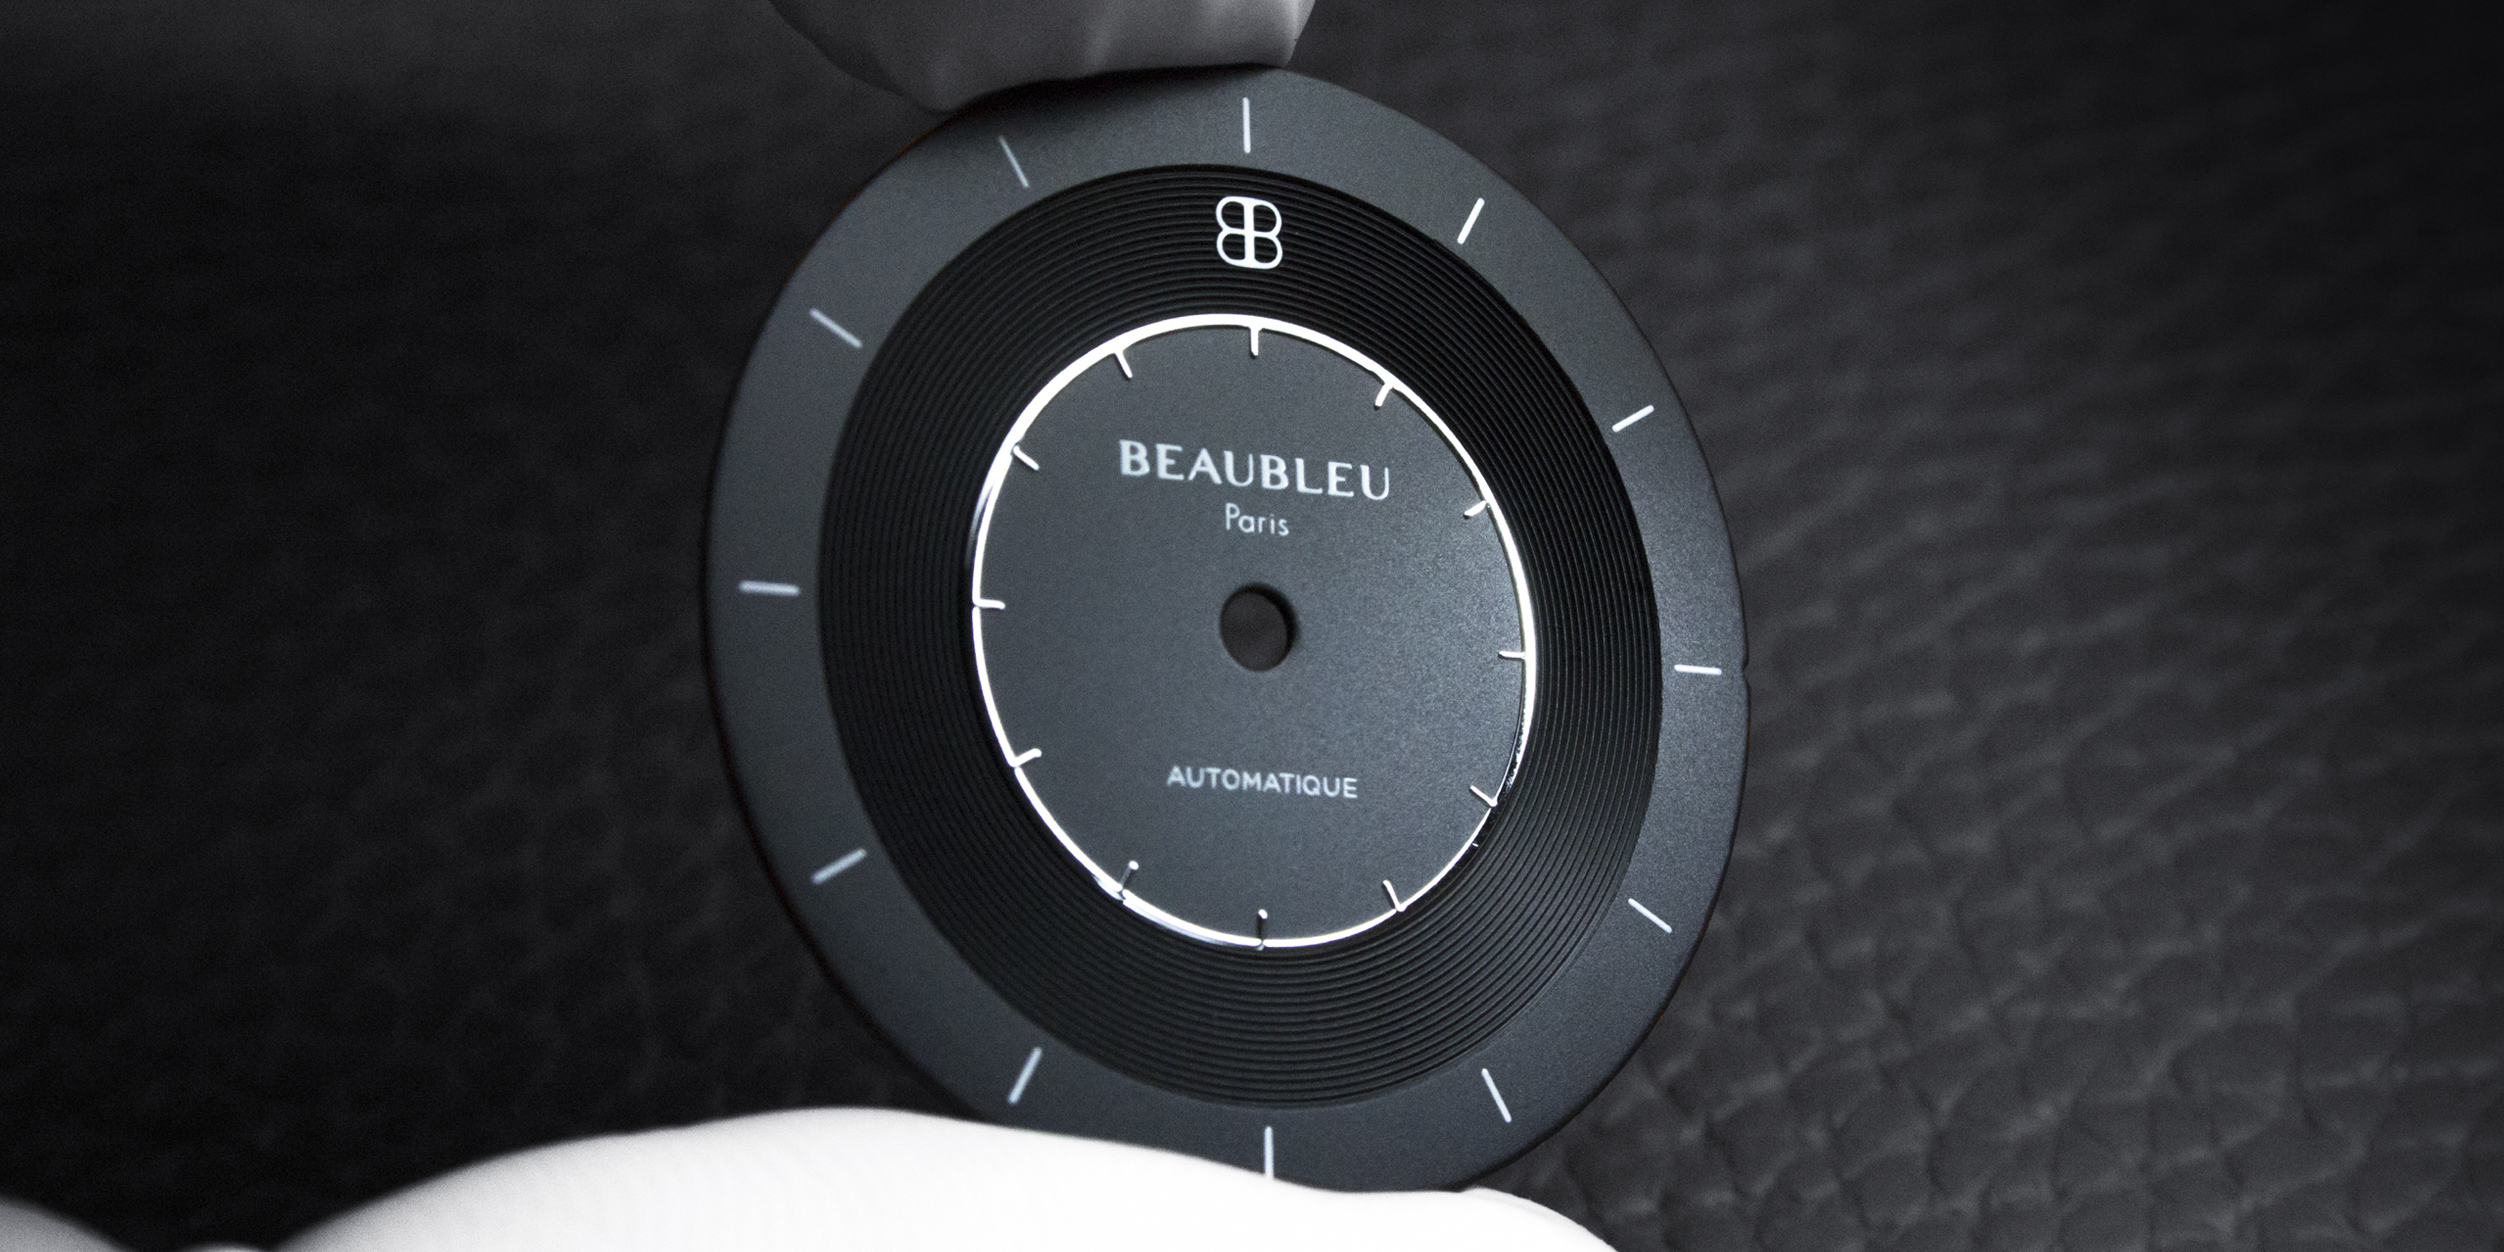 Cadran de montre Beaubleu Paris